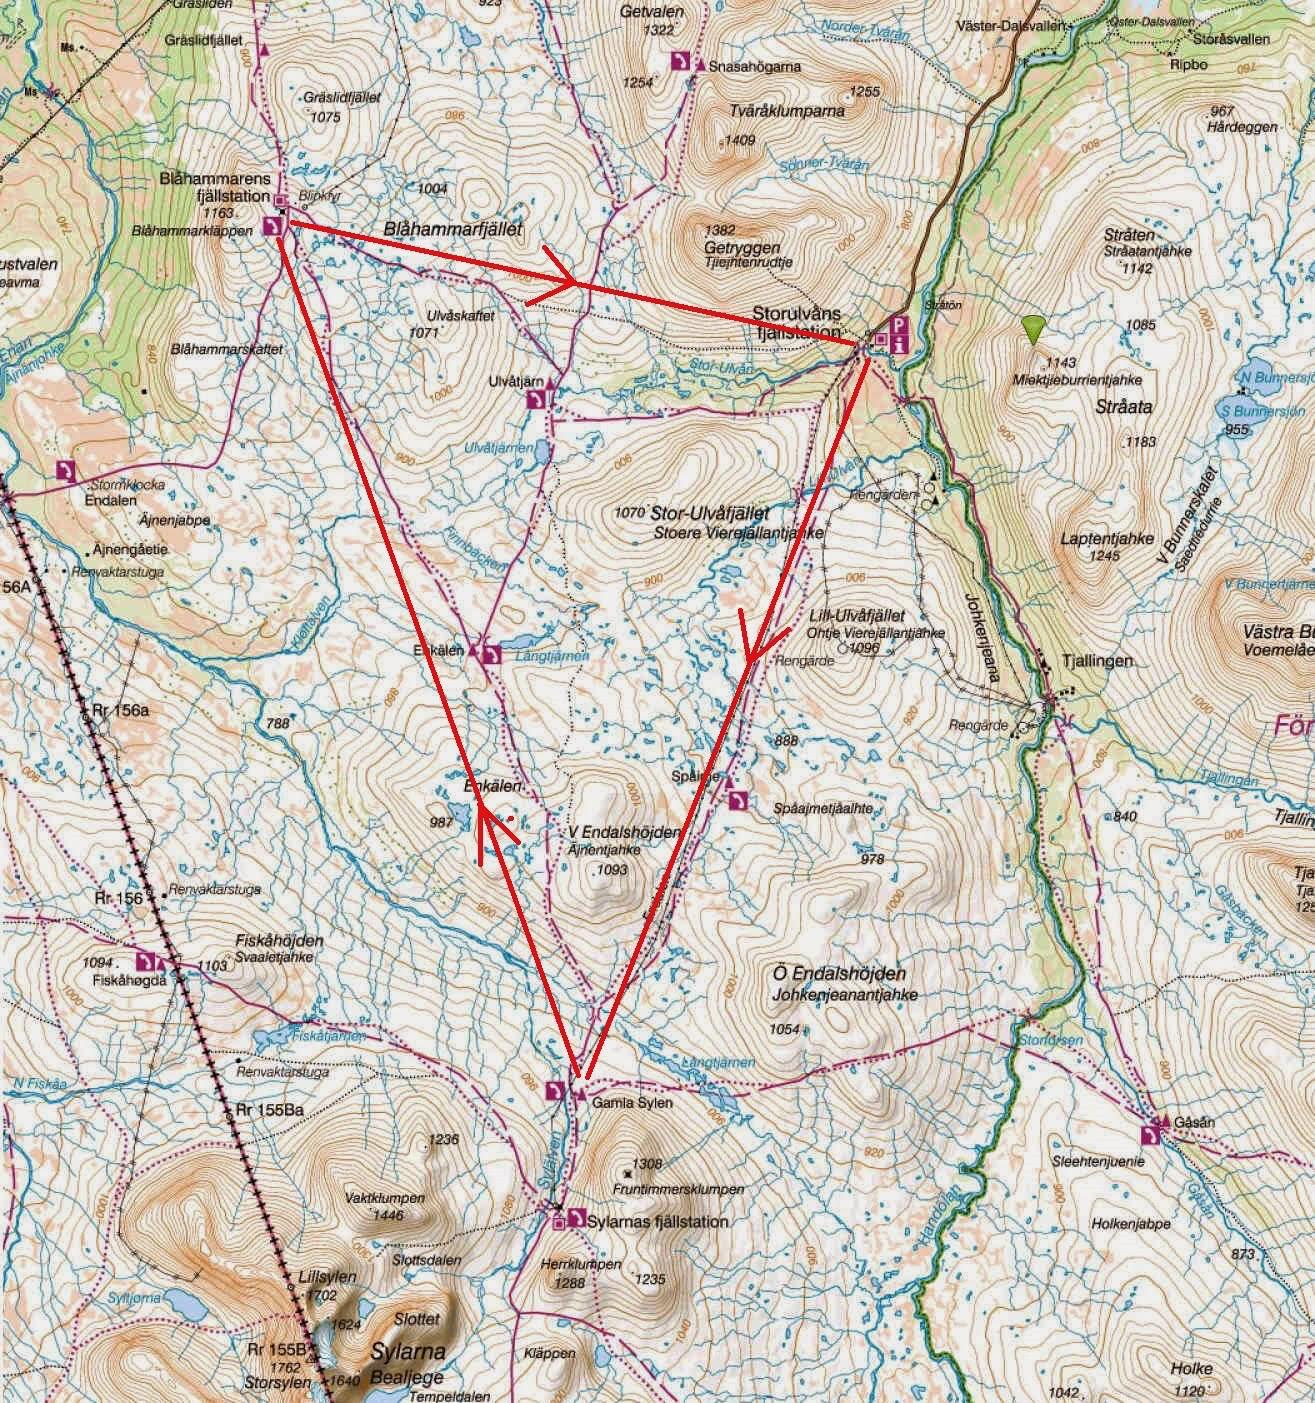 jämtlandstriangeln karta Lutherska Bekännelsekyrkan | LBK – Fjälläger i Jämtlandstriangeln  jämtlandstriangeln karta